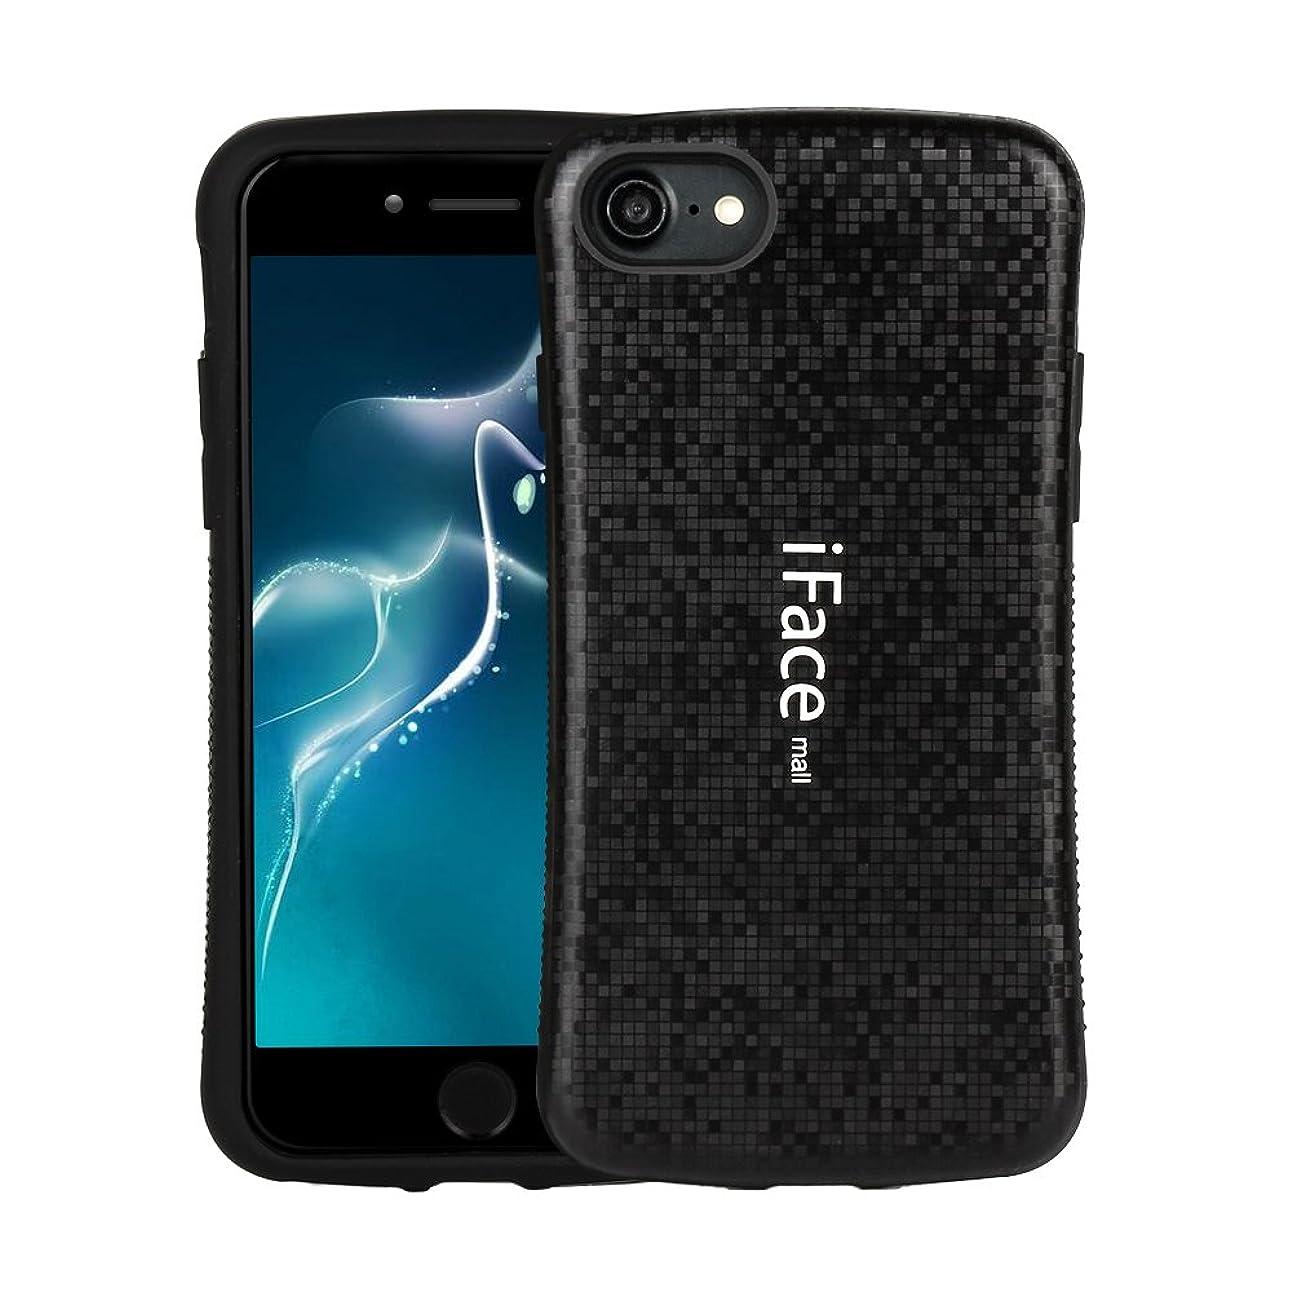 達成可能病気量で(Bidear)iPhone8ケース/iPhone7ケース iFace mallケース 全面保護 耐衝撃 カバー モザイク様式 指紋防止 黒